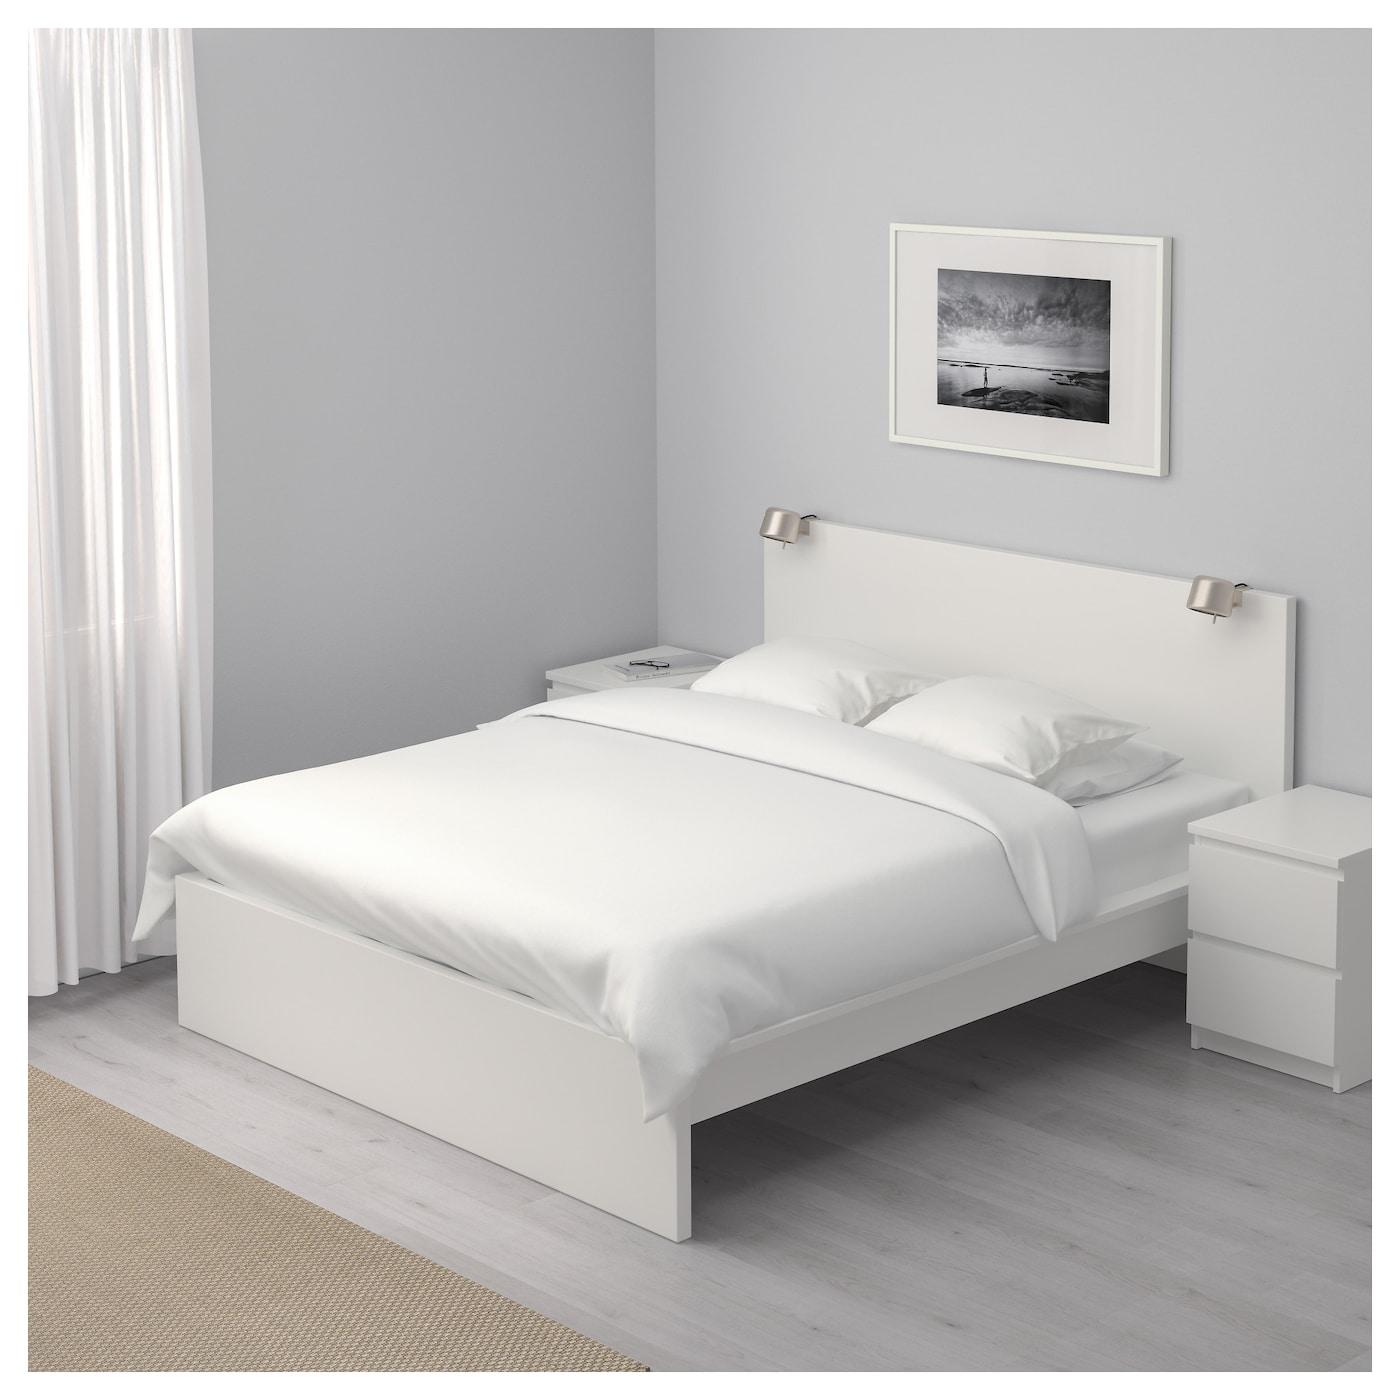 malm cadre de lit haut blanc l nset 140x200 cm ikea. Black Bedroom Furniture Sets. Home Design Ideas